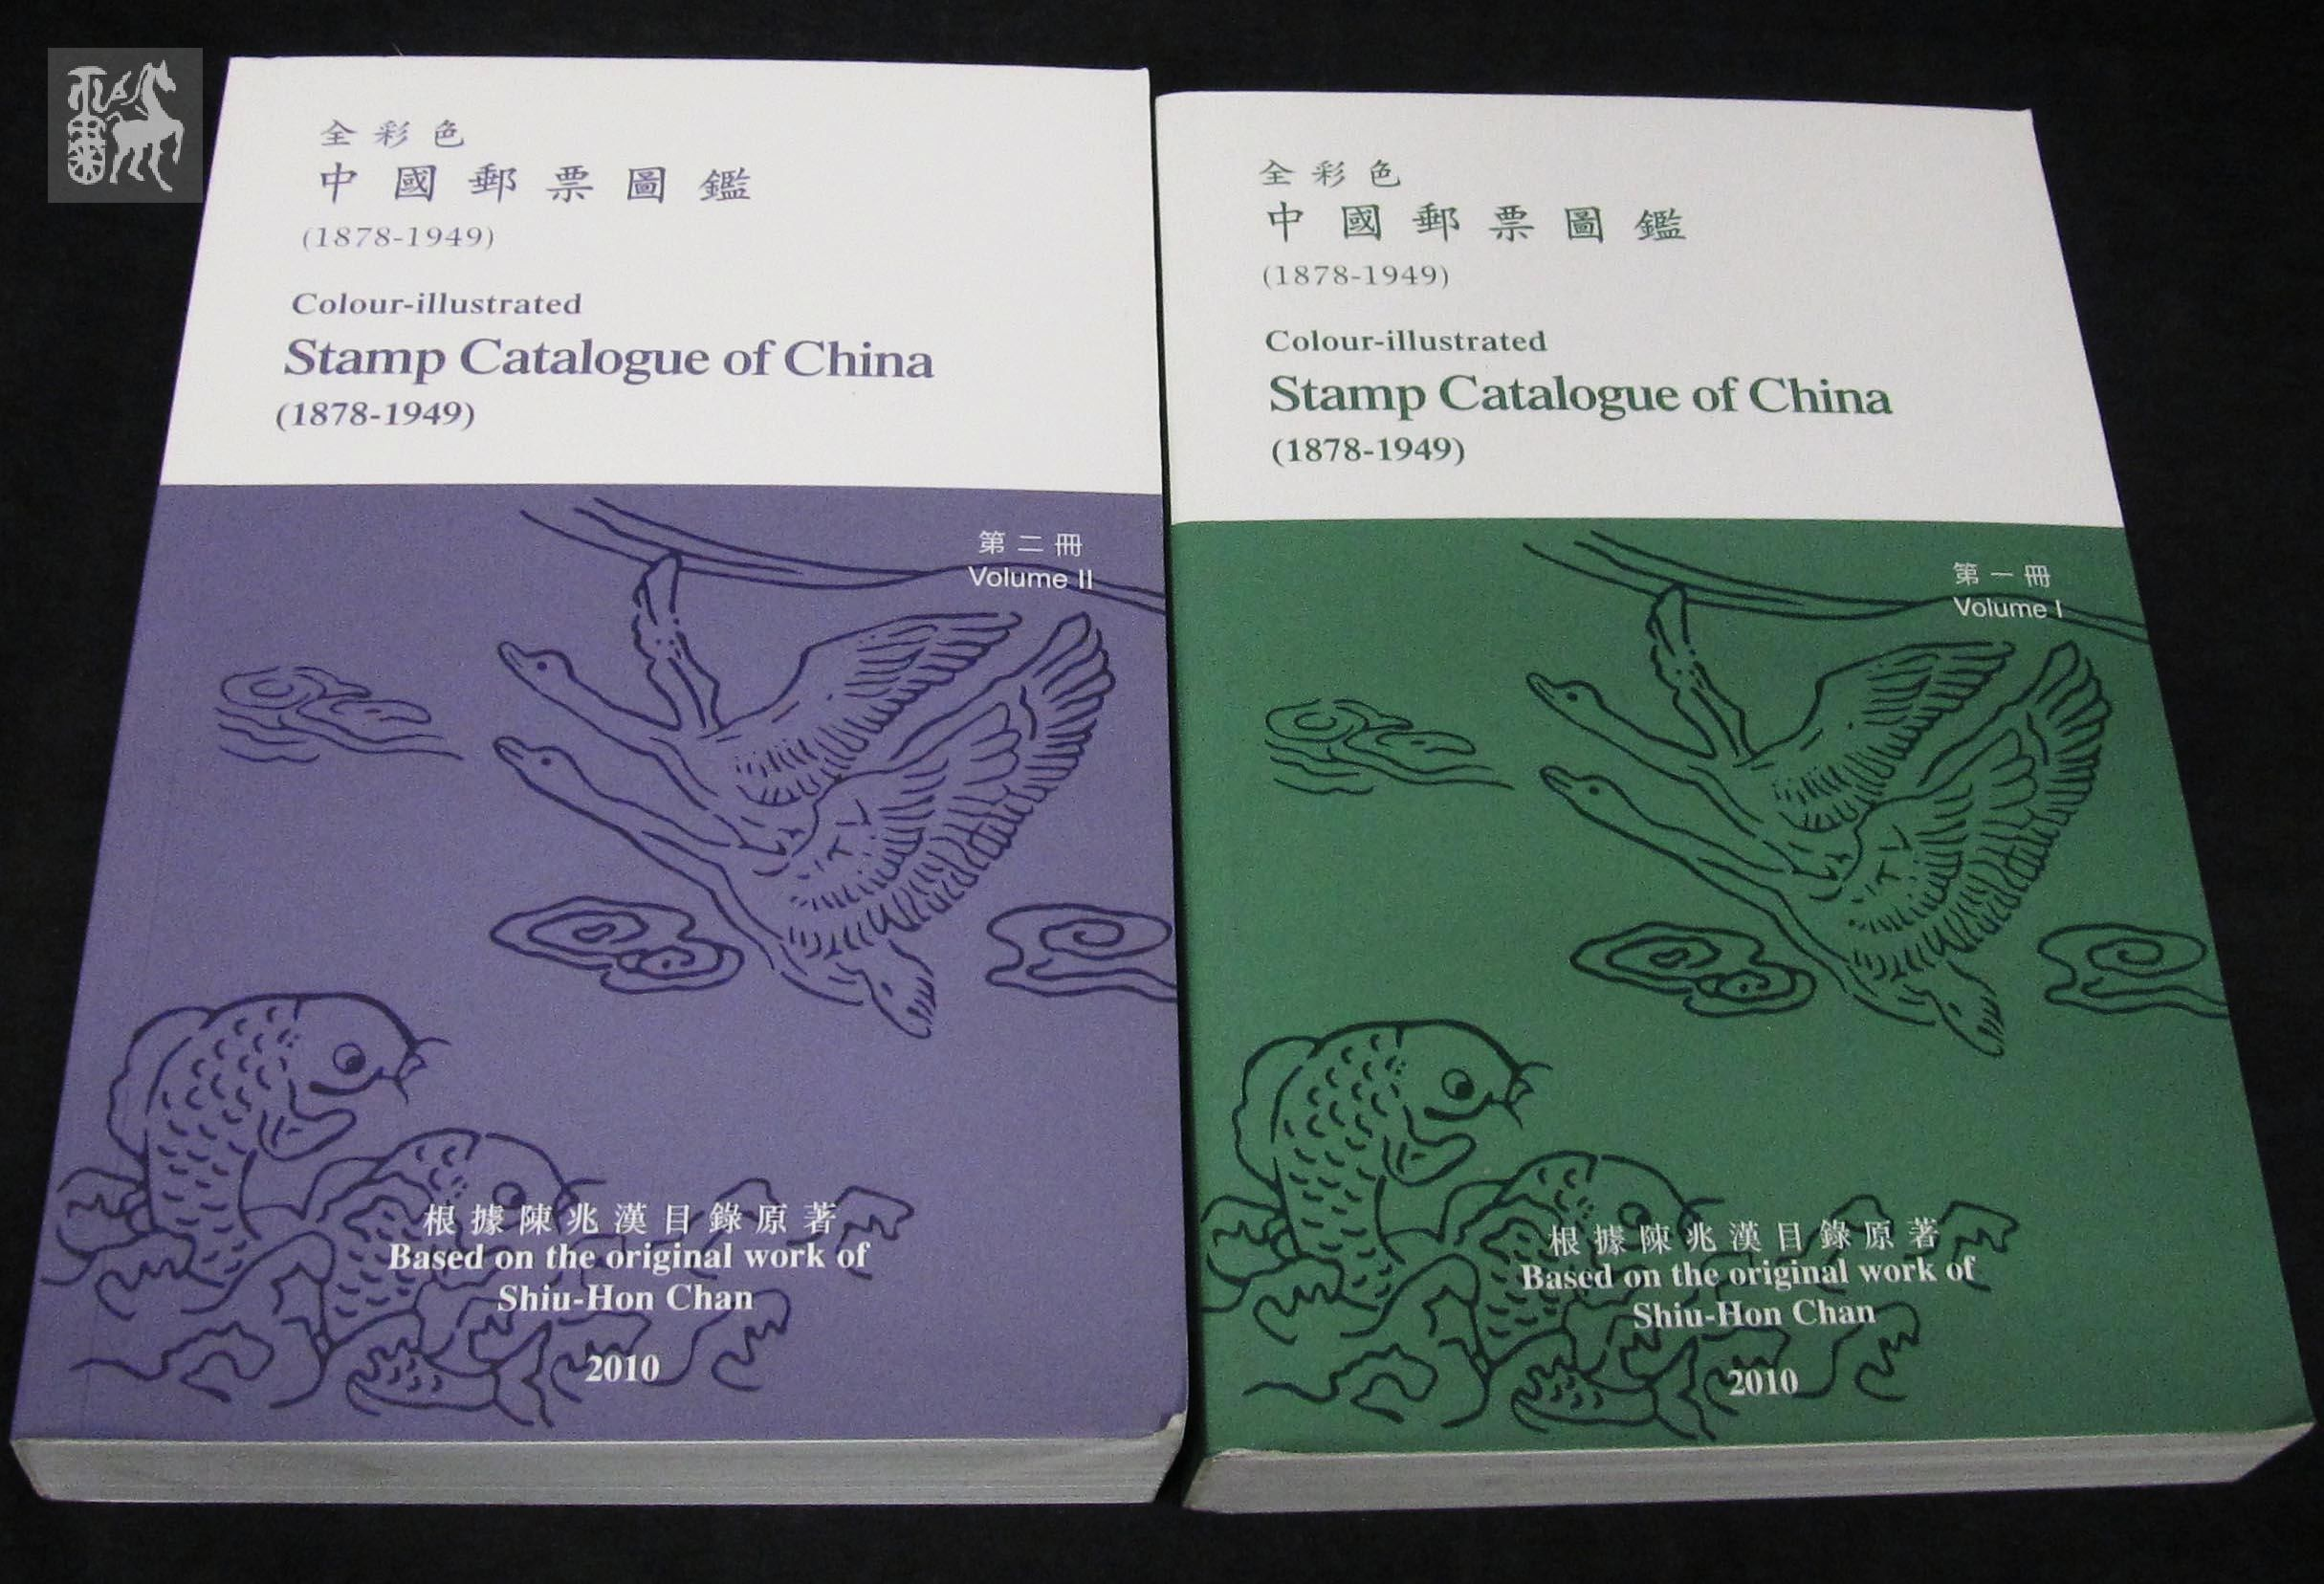 《全彩色中国邮票图鉴》二册(1987-1949)